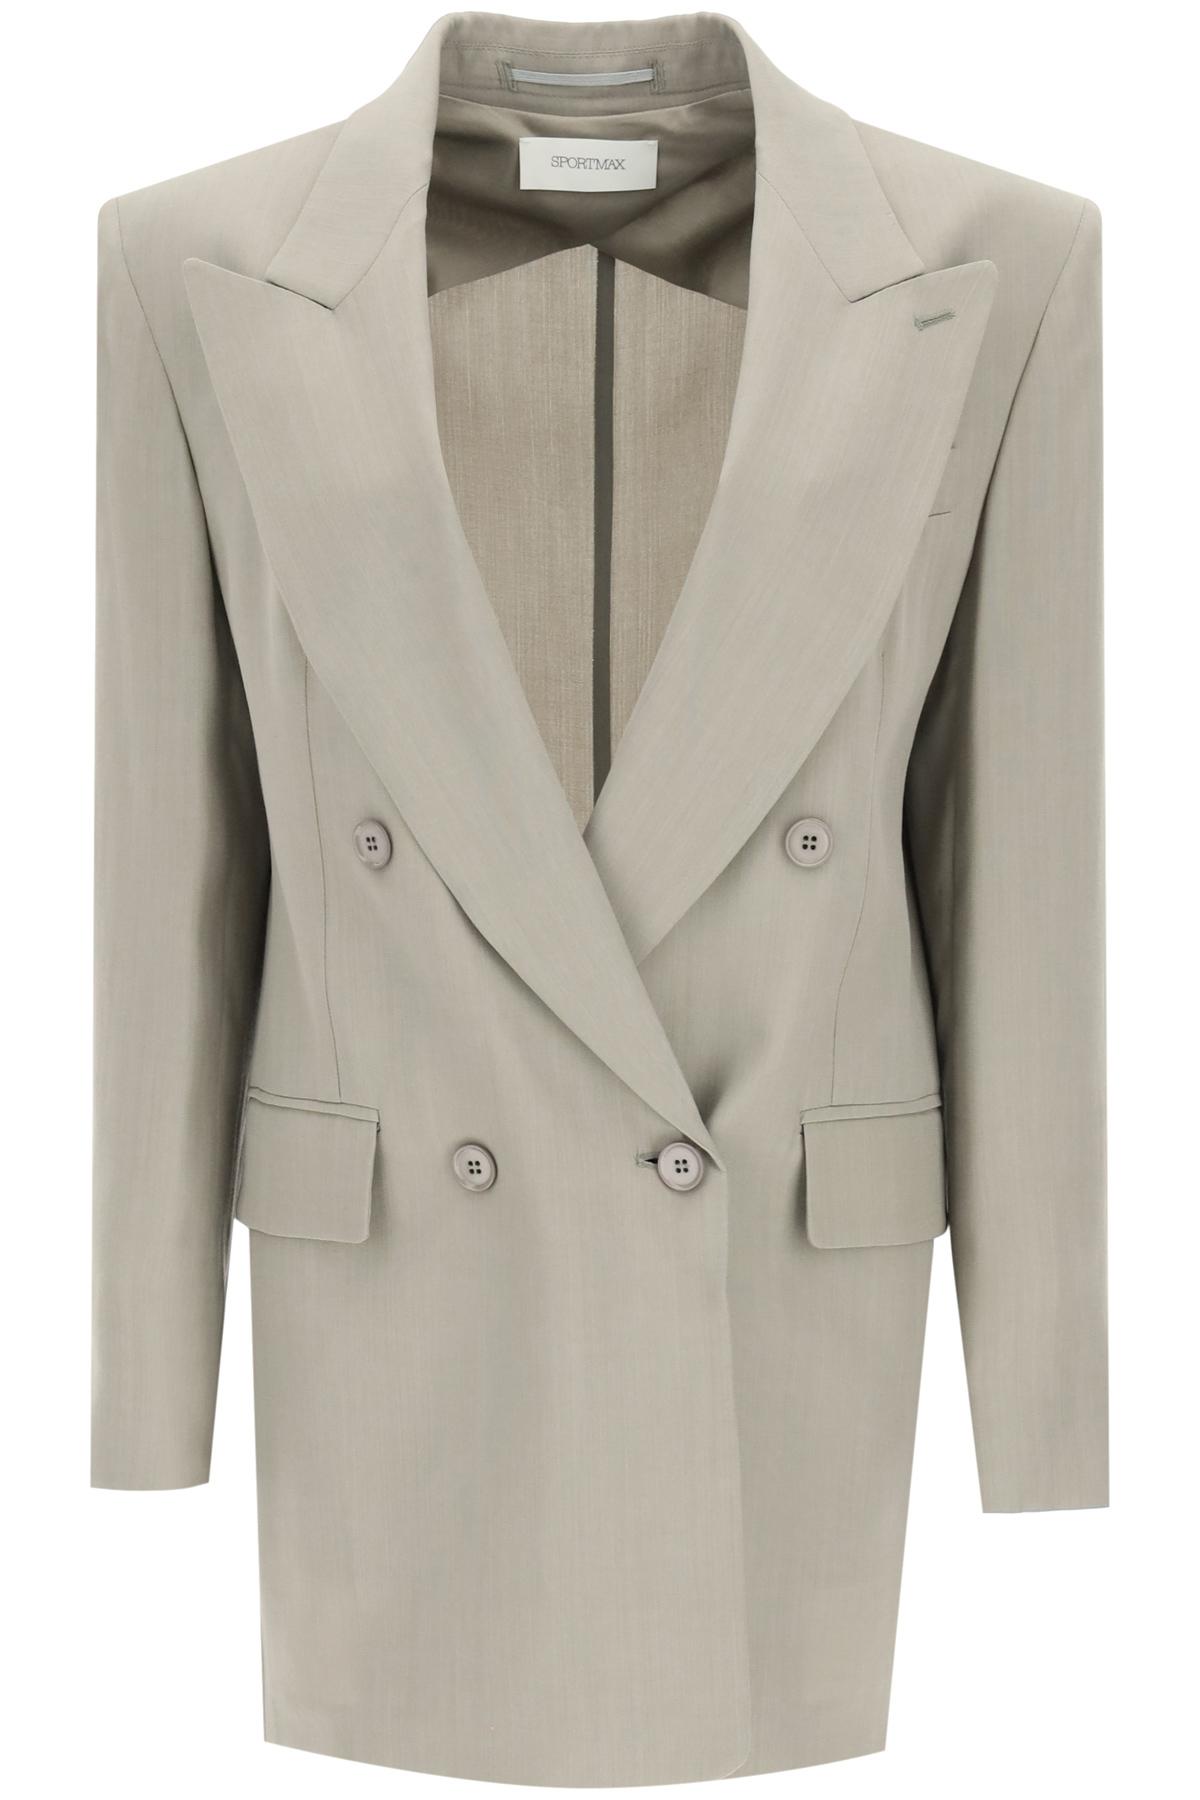 SPORTMAX ONIRICA OVERSIZED BLAZER 38 Grey Wool